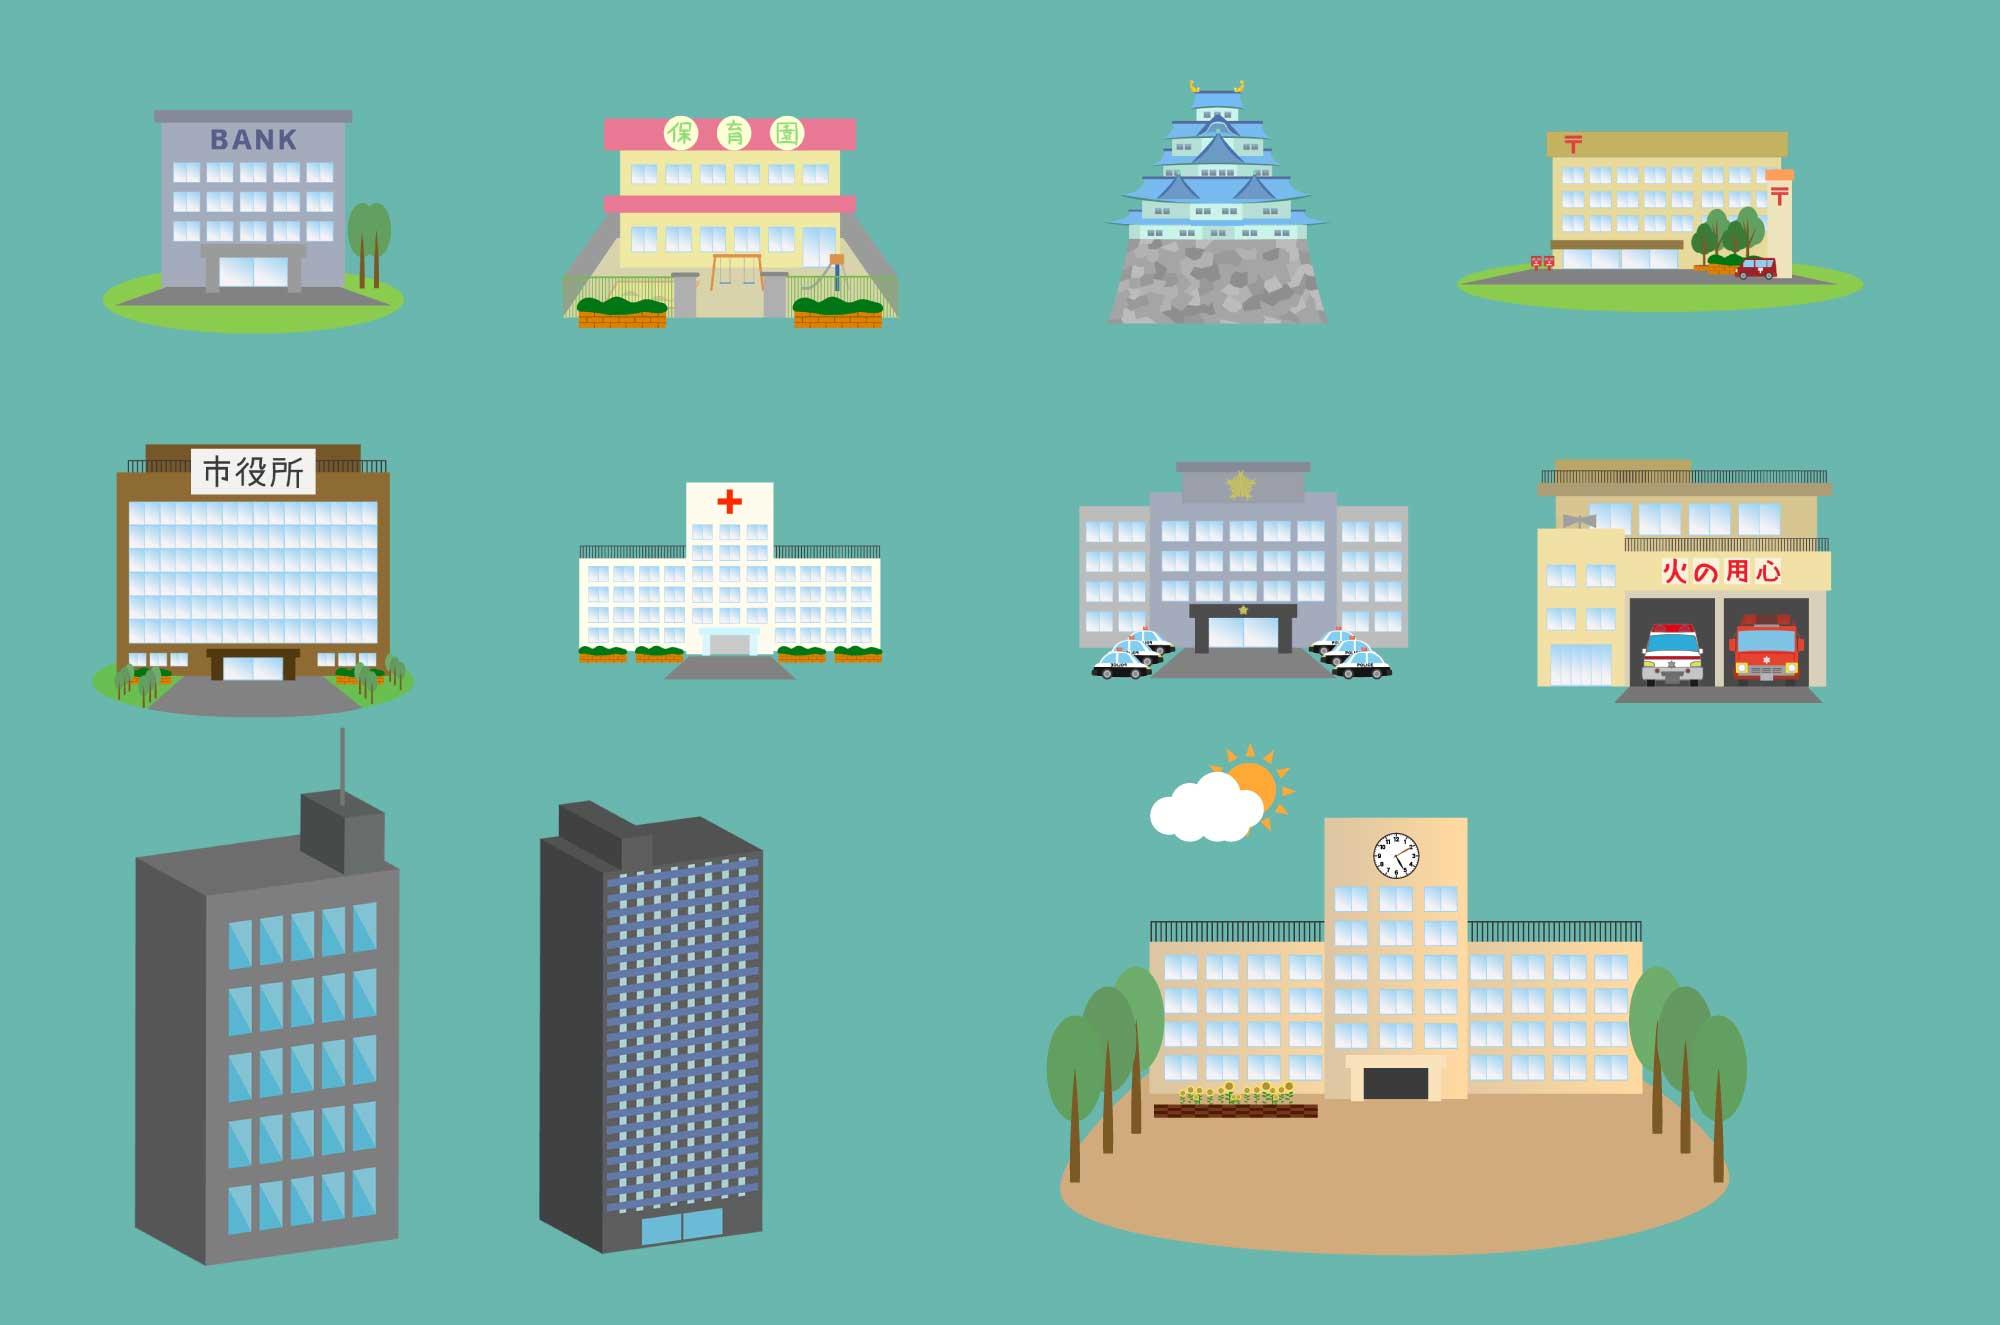 建物の無料イラスト - 公共施設や街の建物フリー素材